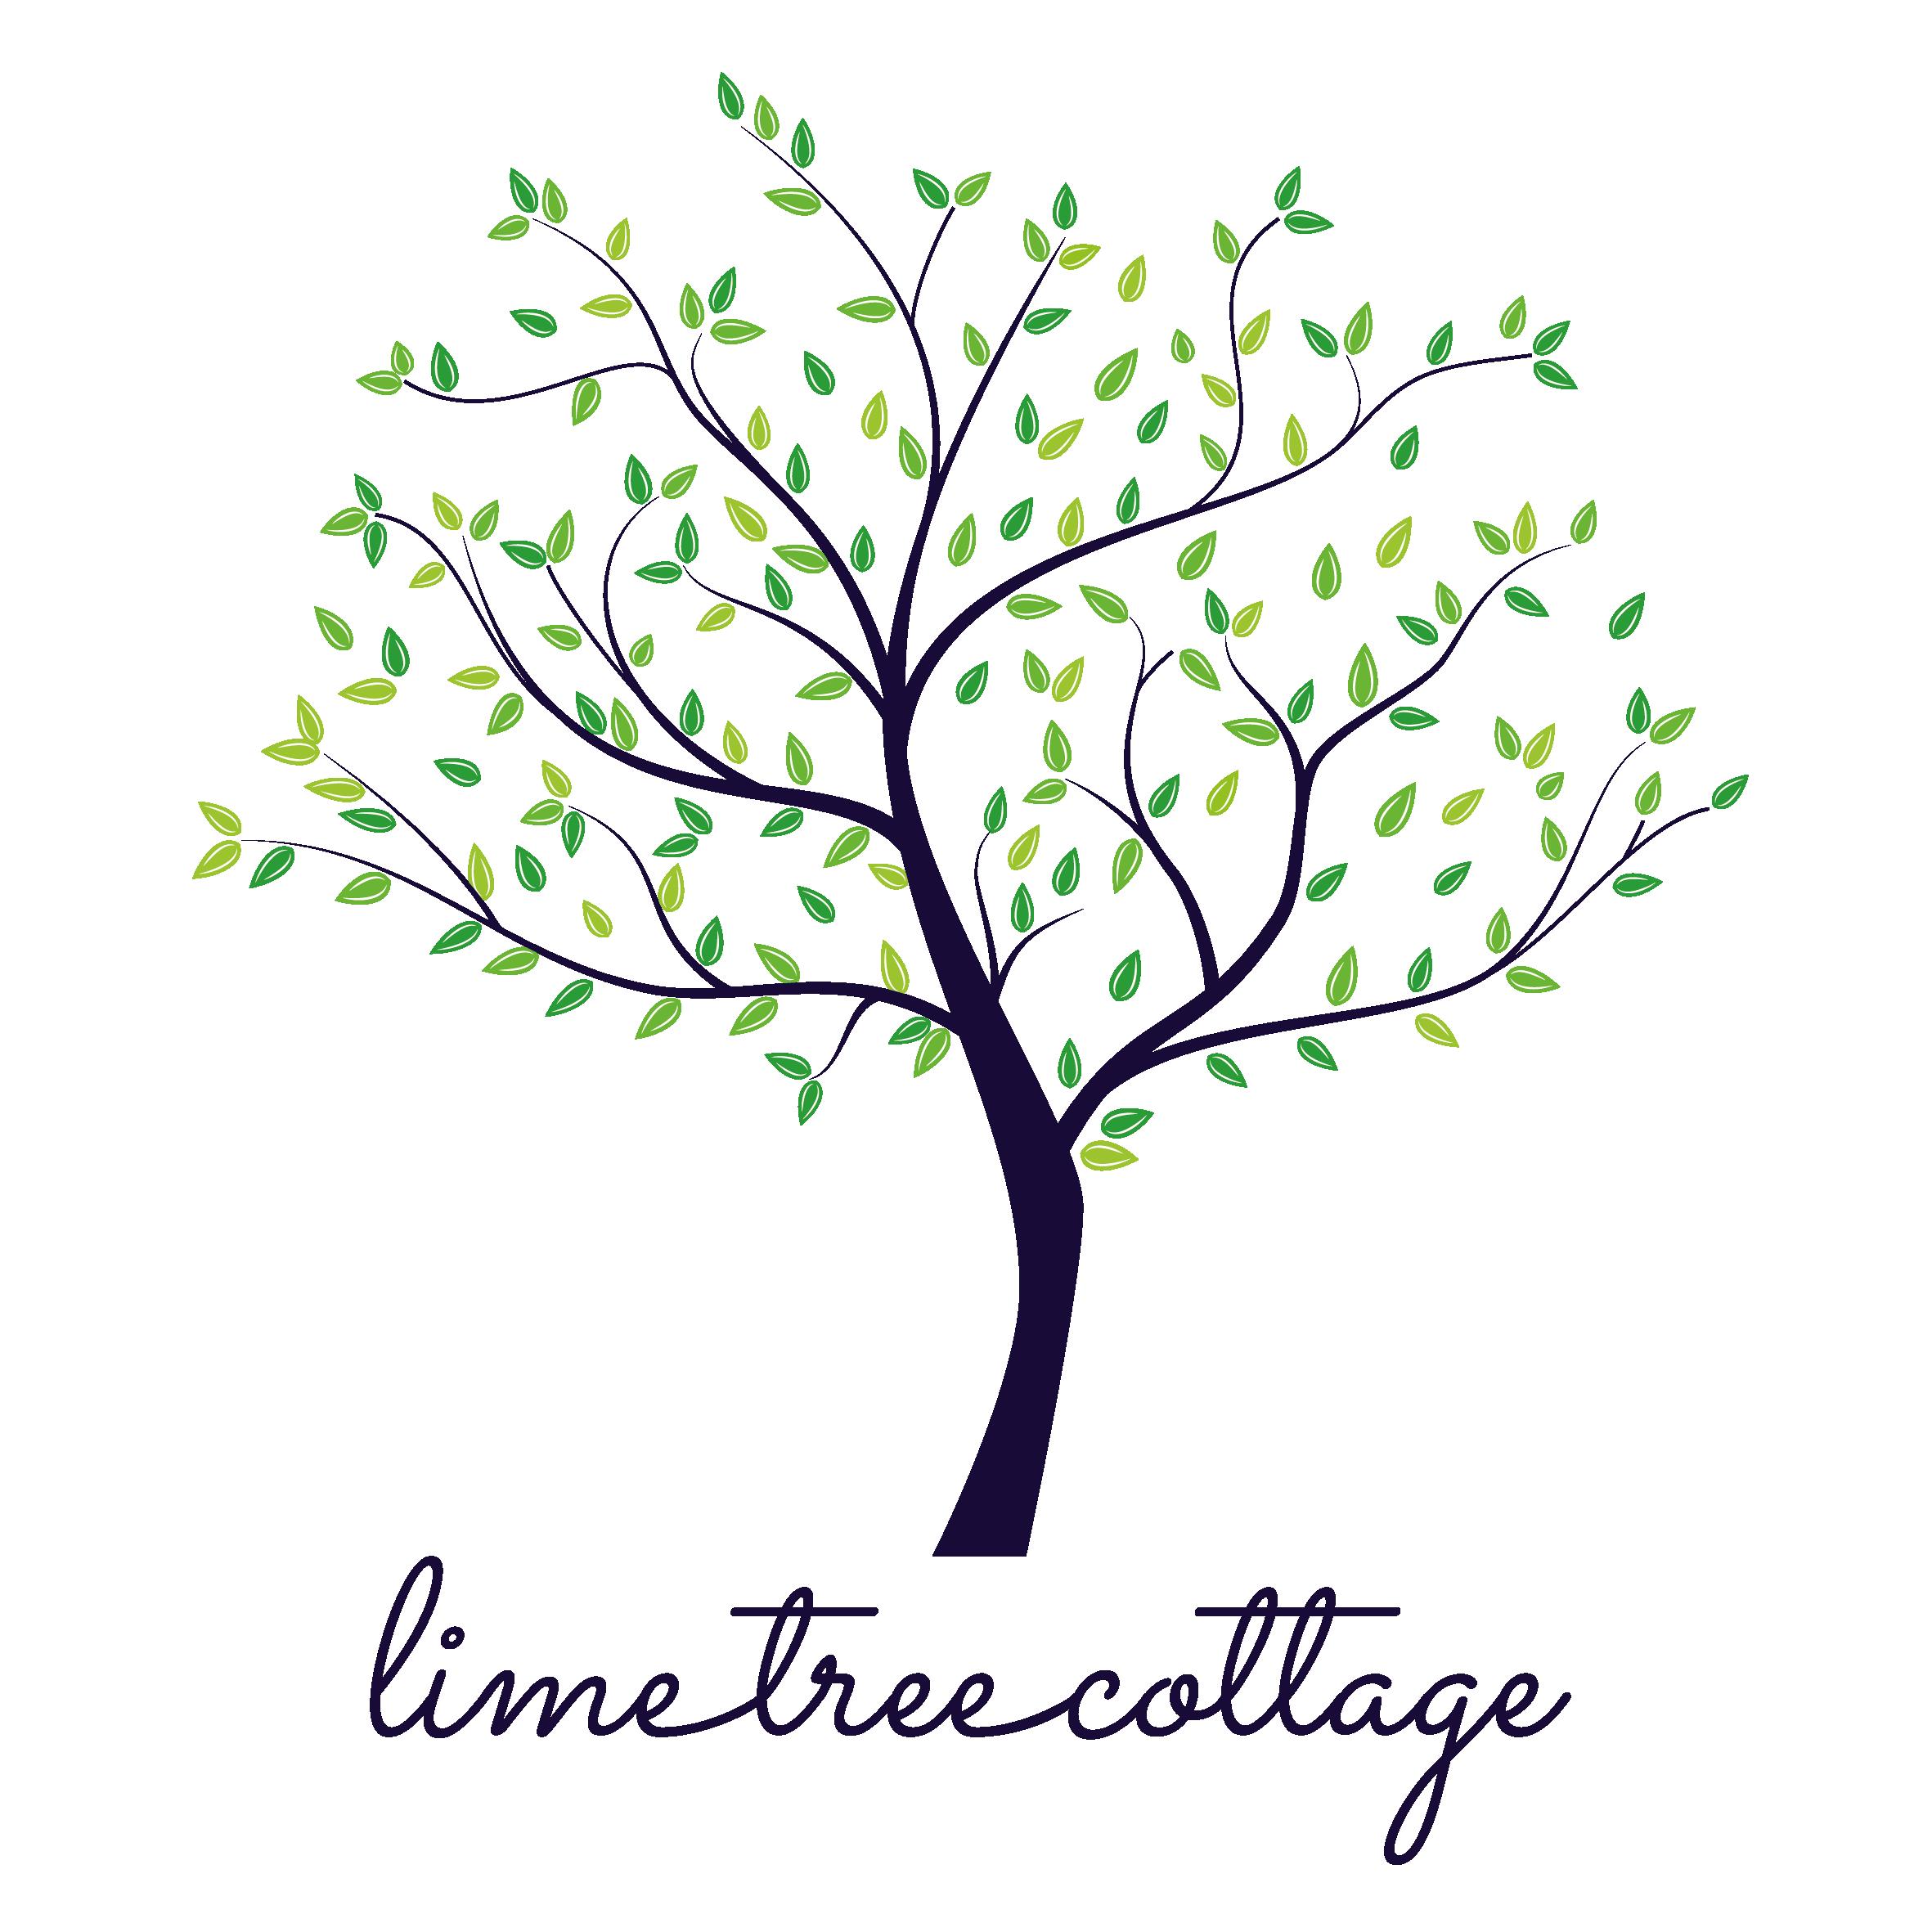 Lime Tree Cottage